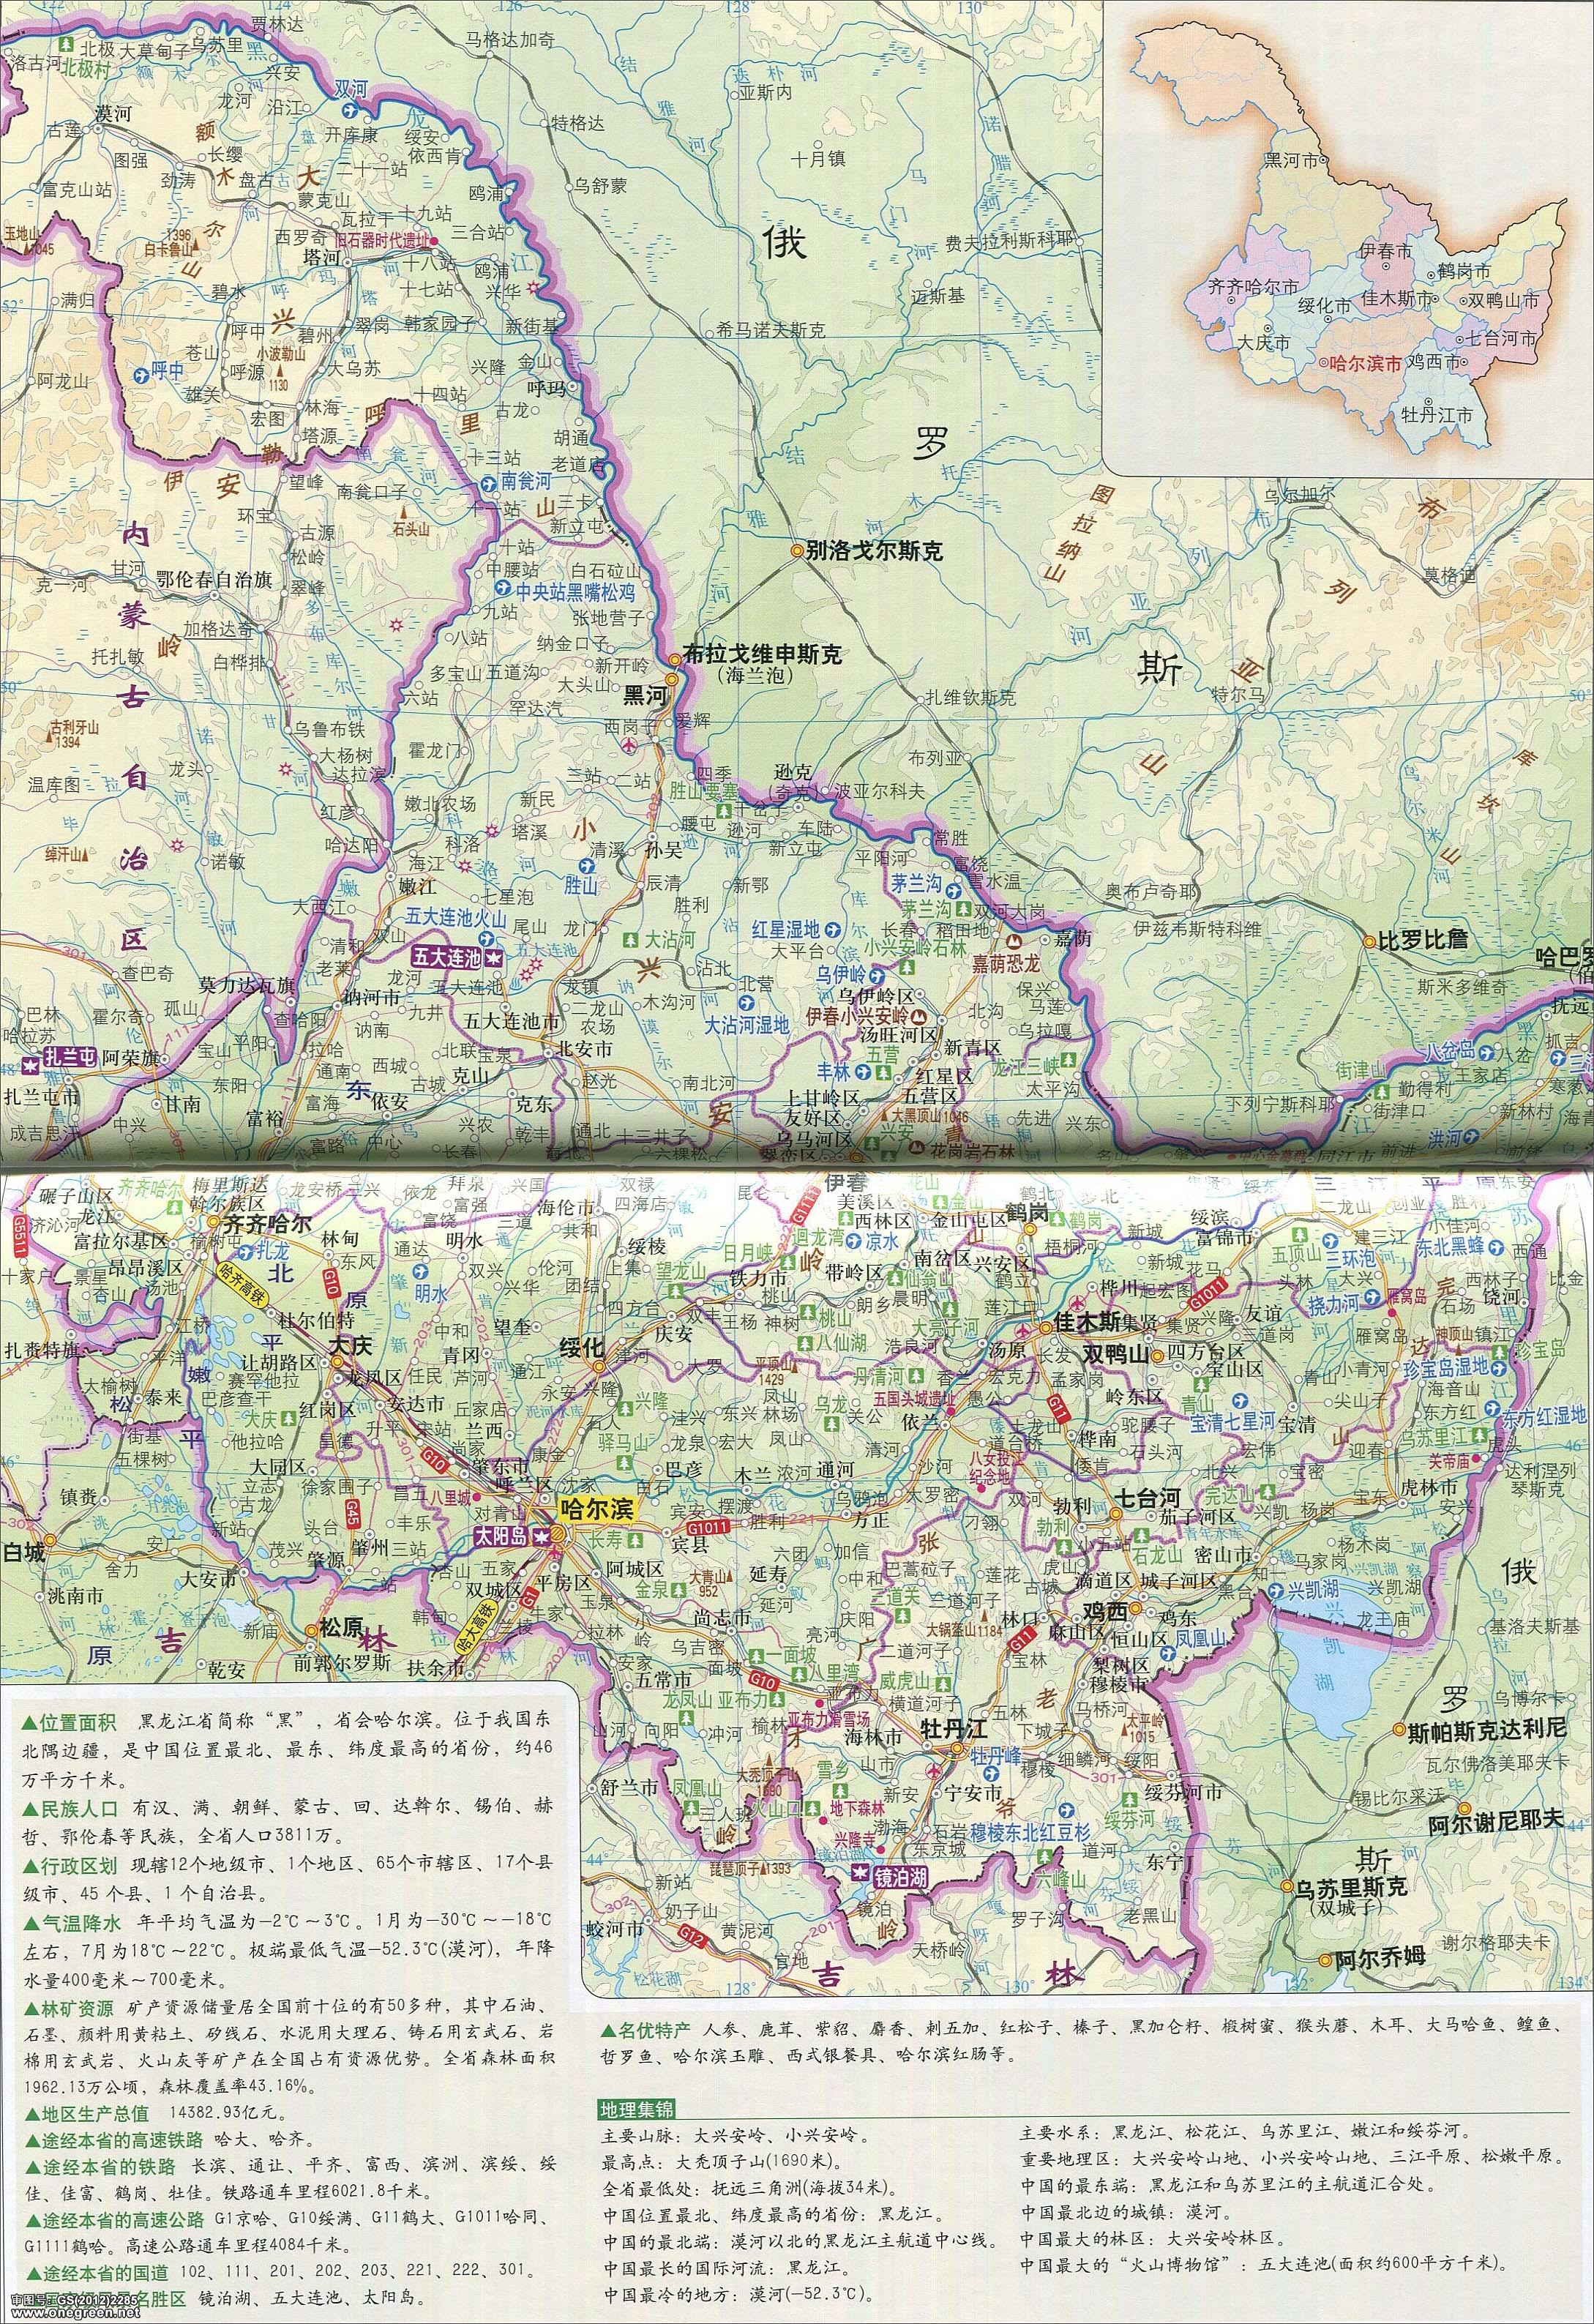 地图库 中国地图 黑龙江 >> 黑龙江地图地形版    世界各国 | 中国图片